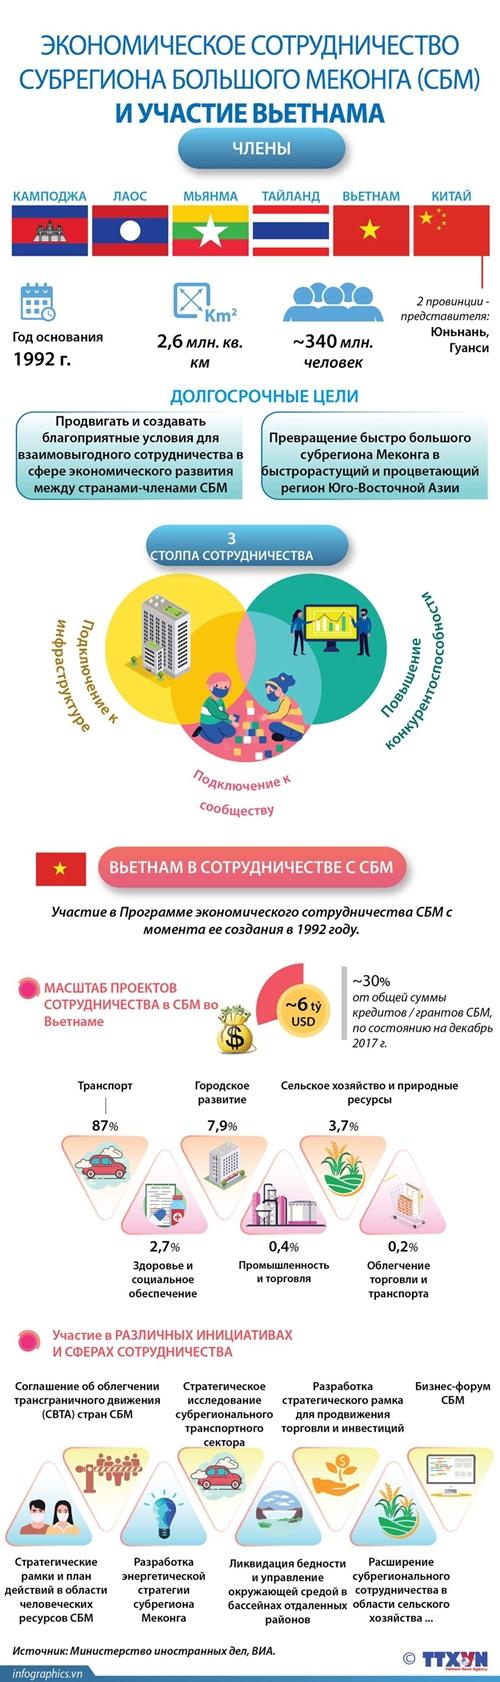 Экономическое сотрудничество субрегиона Большого Меконга СБМ и участие Вьетнама